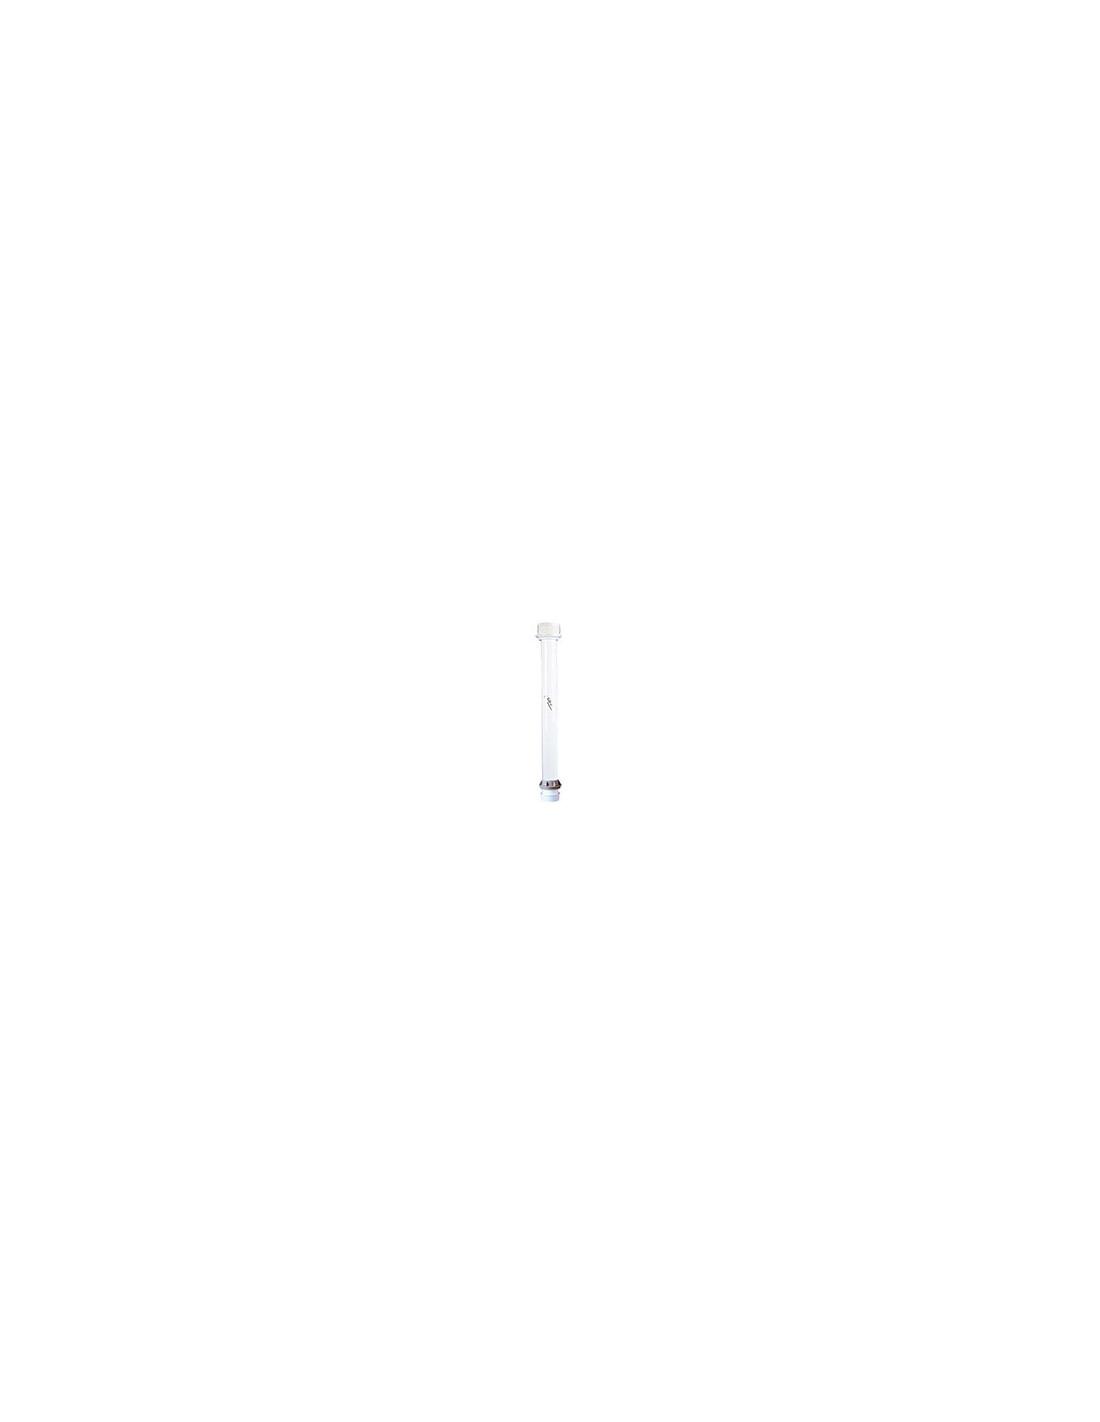 Imperm/éable R/ésistant Aux Intemp/éries Et R/ésistant Aux UV Housse de Bateau Ponton Si/èges Pi/édestal 210D Oxford Housses de Protection de Chaise de Barre en Tissu Vvciic Housse de Si/ège de Bateau